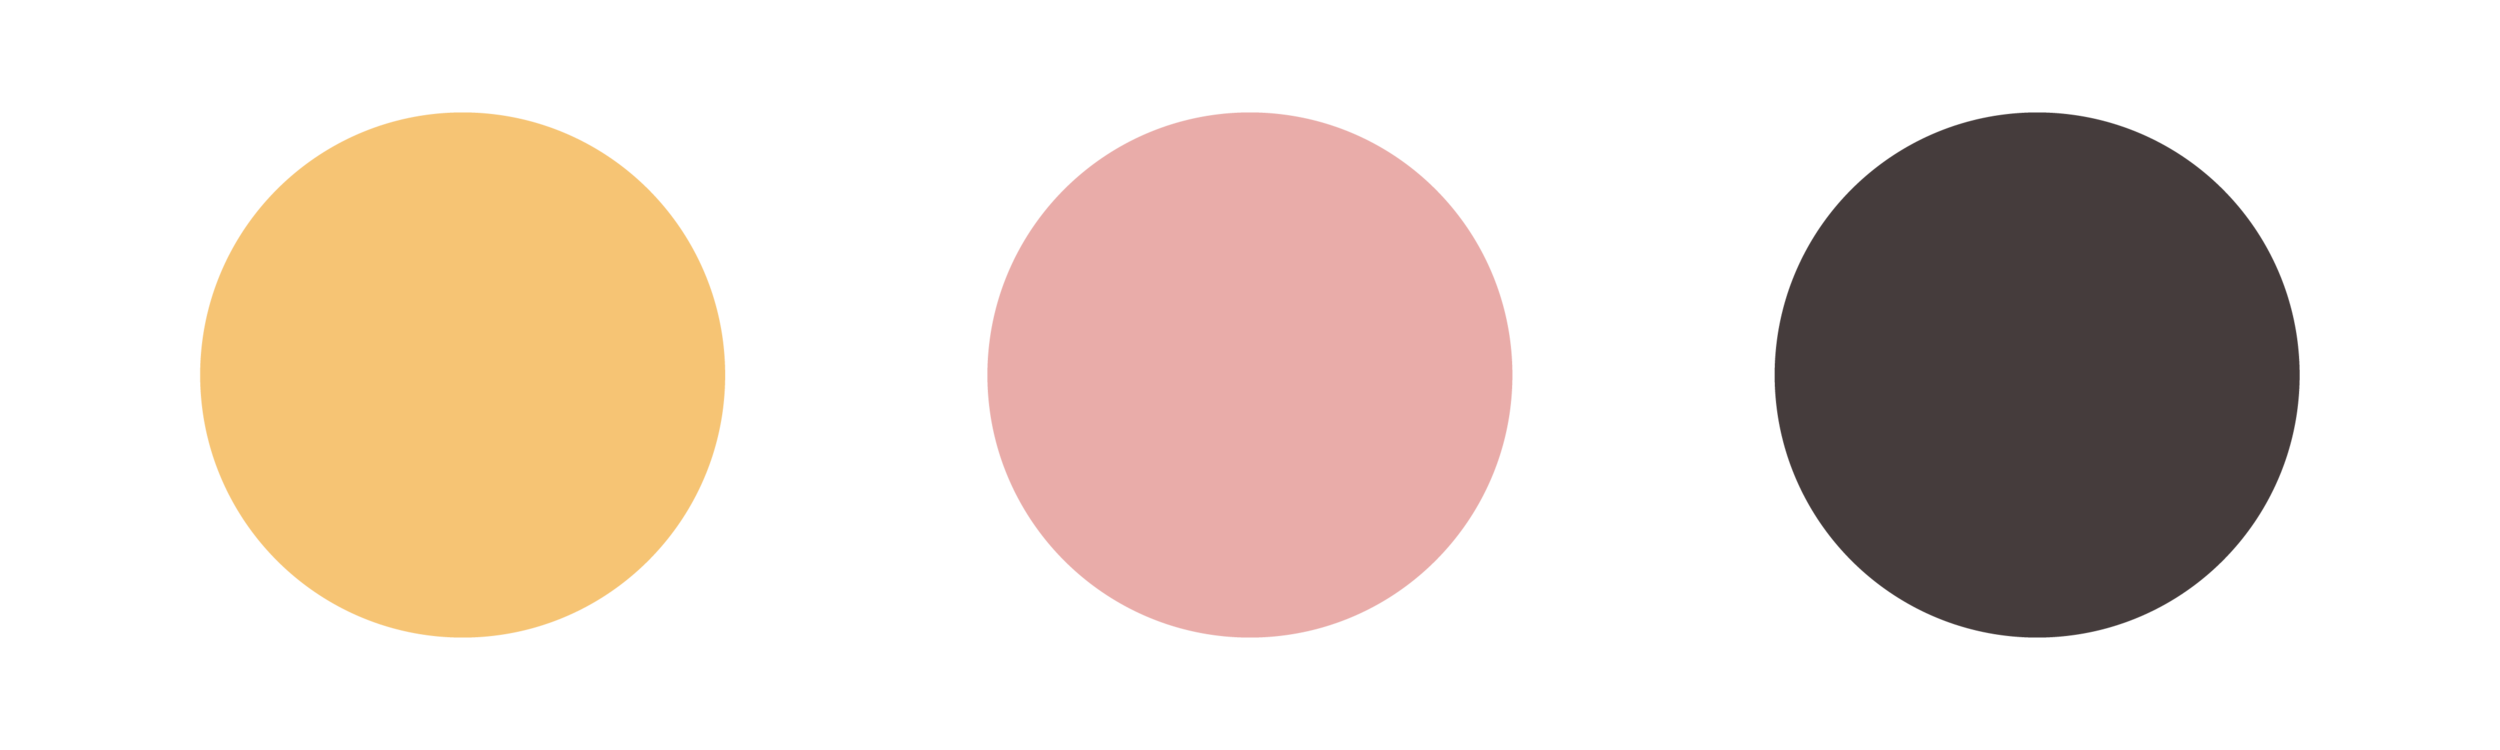 wsc-color-scheme-2.png